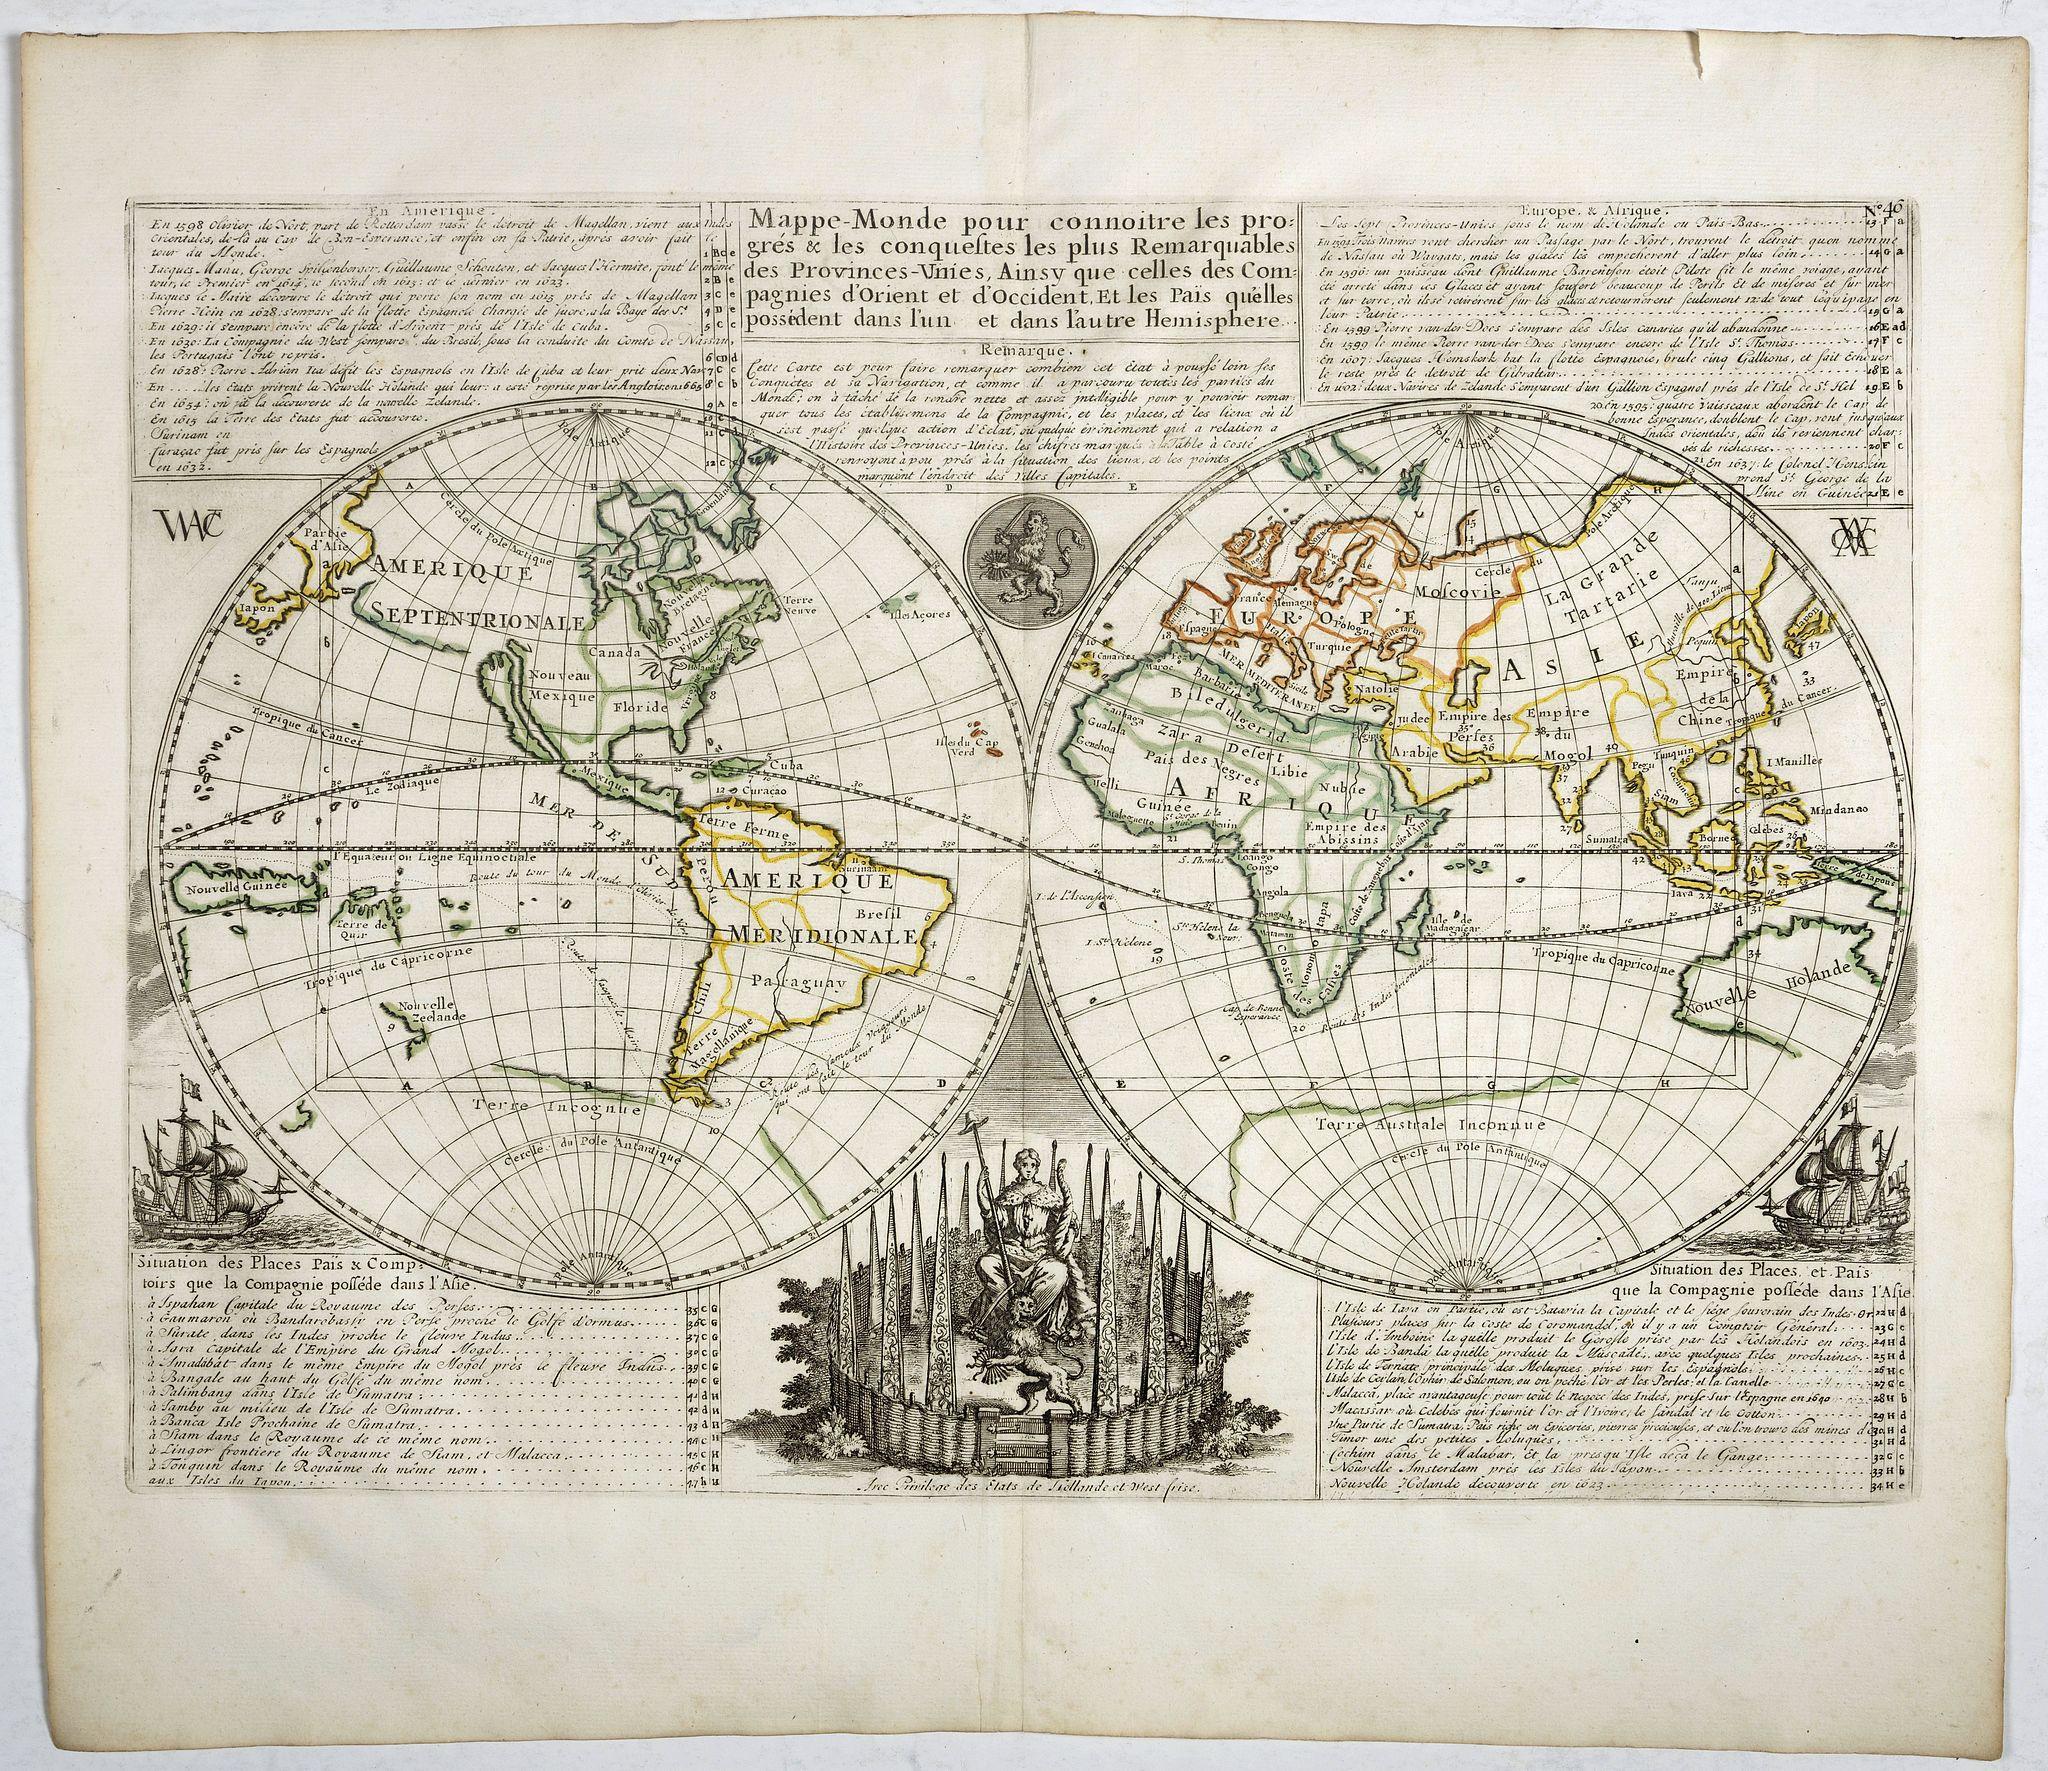 CHATELAIN, H. -  Mappe-Monde pour connoitre les progres & les conquestes..